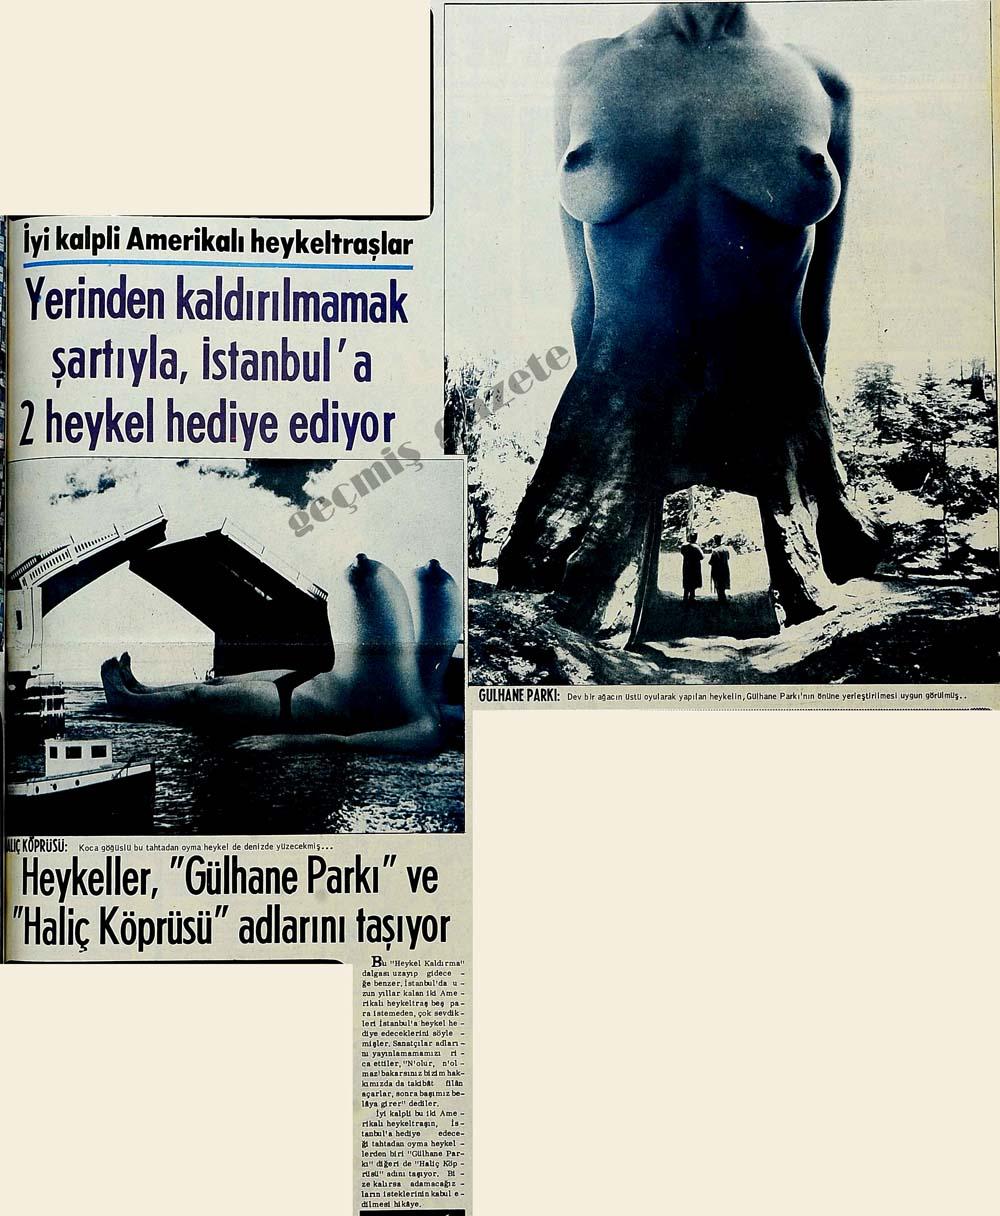 İyi kalpli Amerikalı heykeltraşlar yerinden kaldırılmamak şartıyla, İstanbul'a 2 heykel hediye ediyor